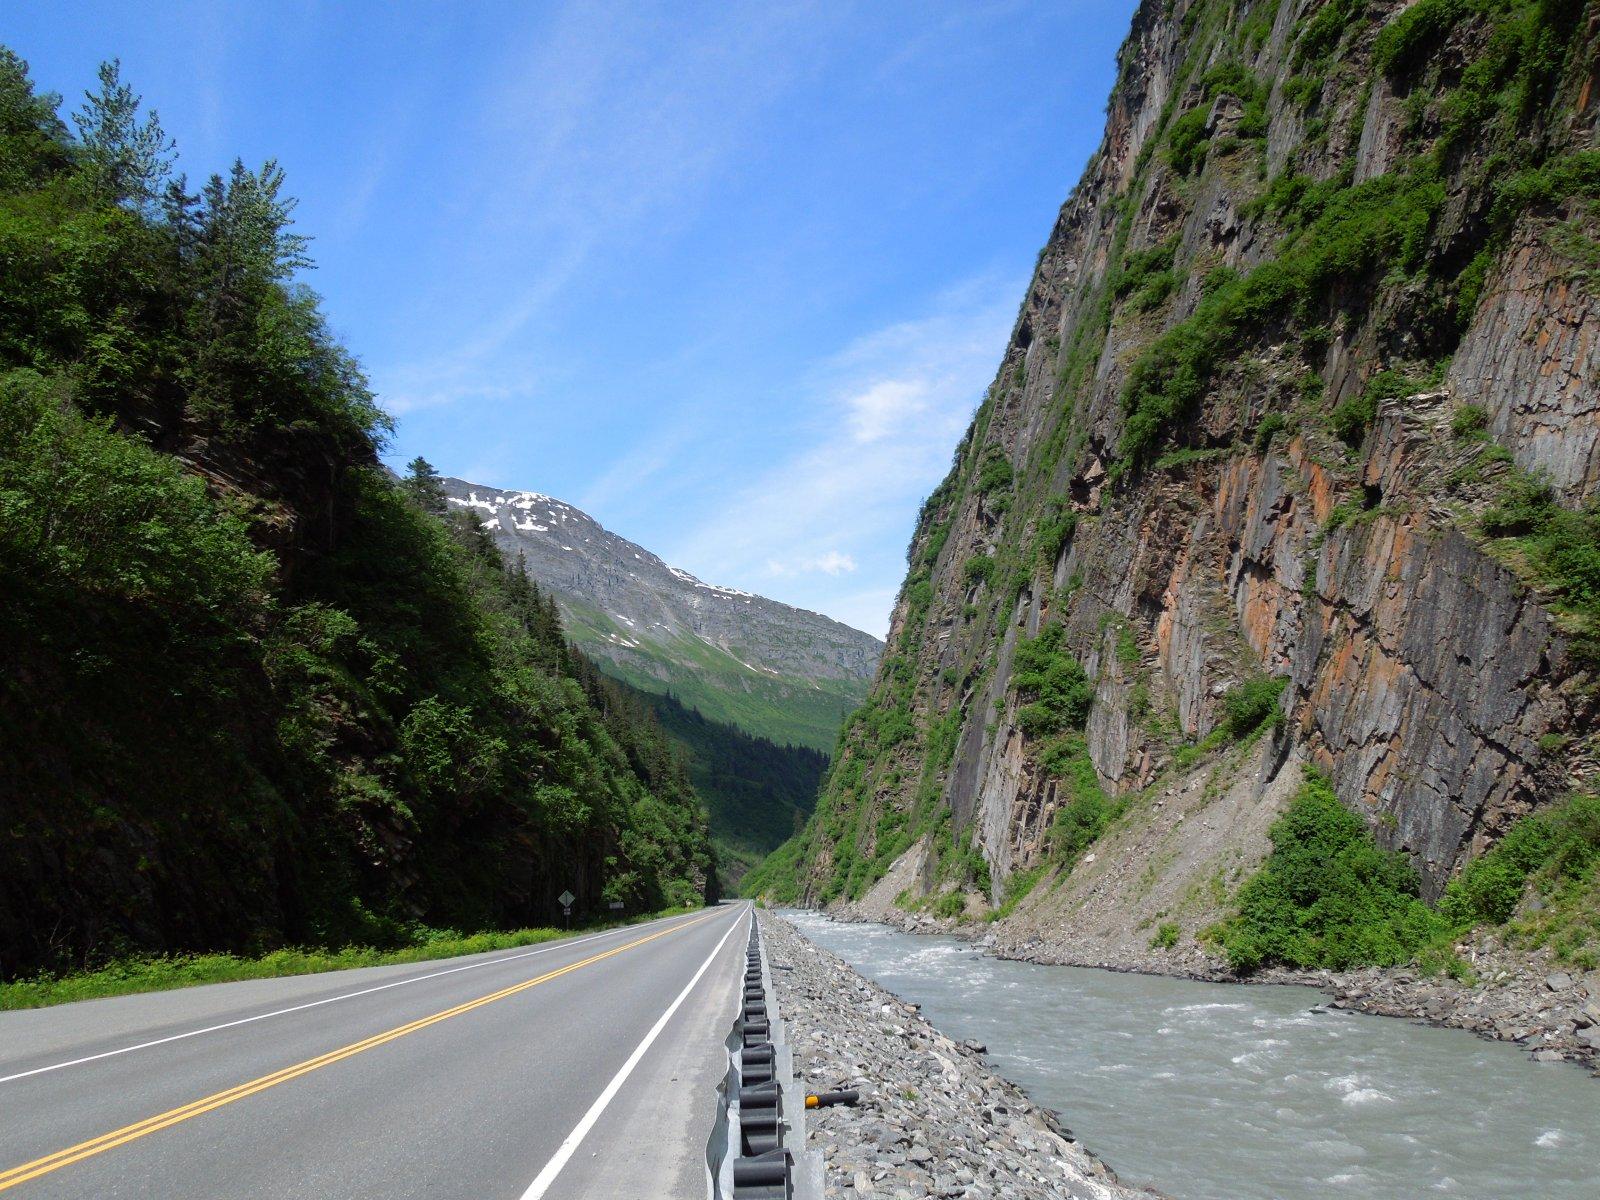 Click image for larger version  Name:Glennallen to Valdez 118.jpg Views:50 Size:464.9 KB ID:215352